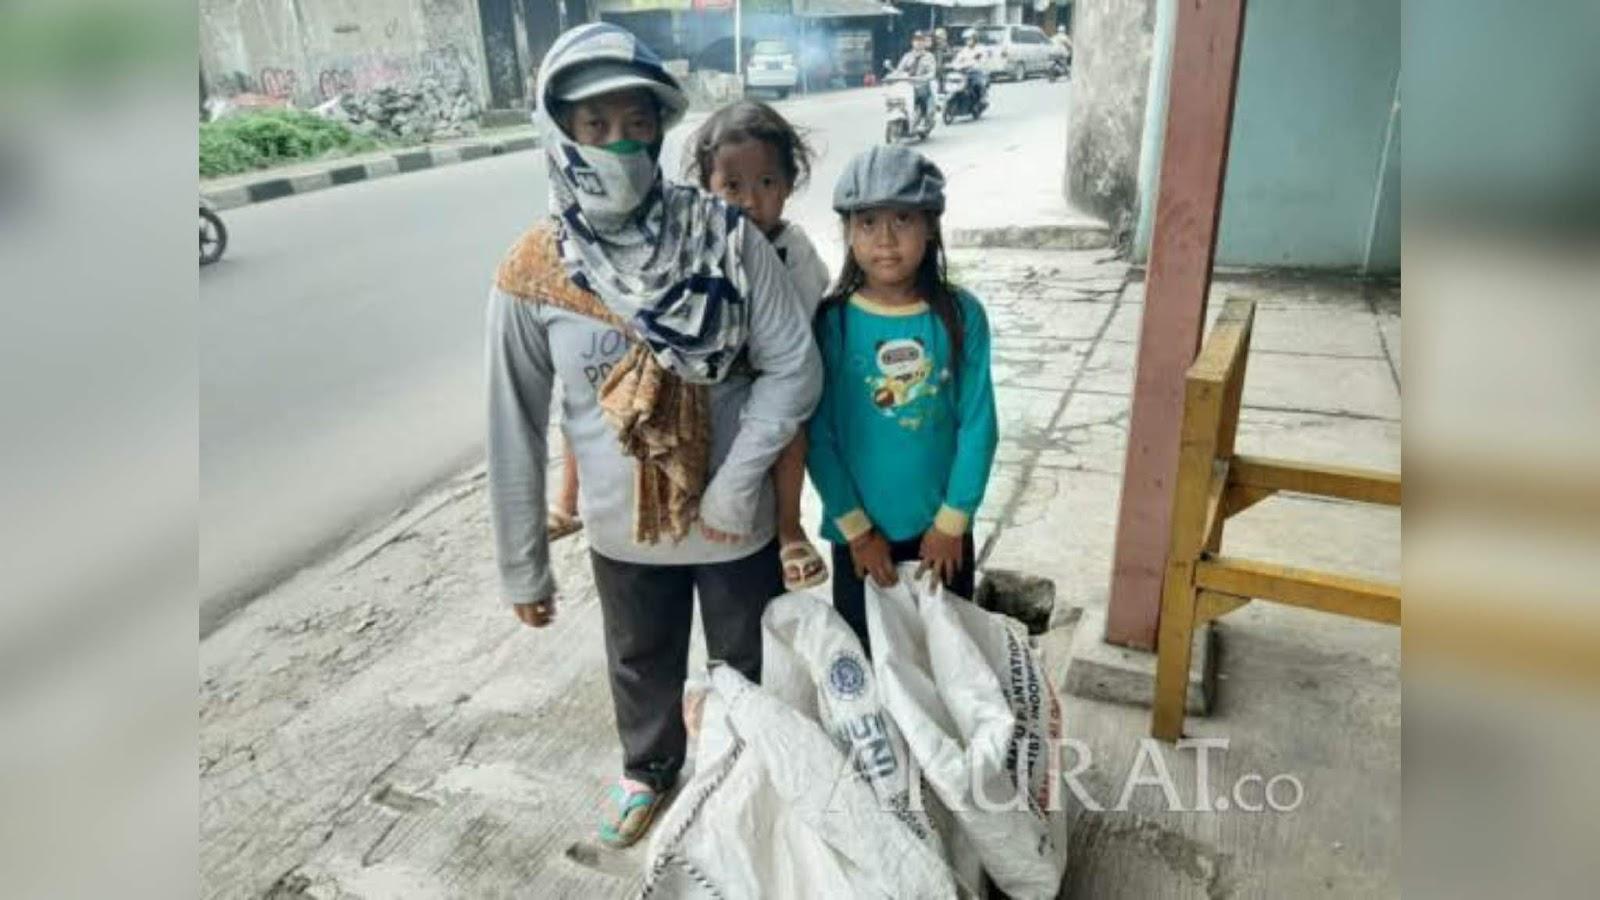 Soal Lockdown, Ariel Heryanto: Pemerintah Tak Mampu Santuni Orang Miskin